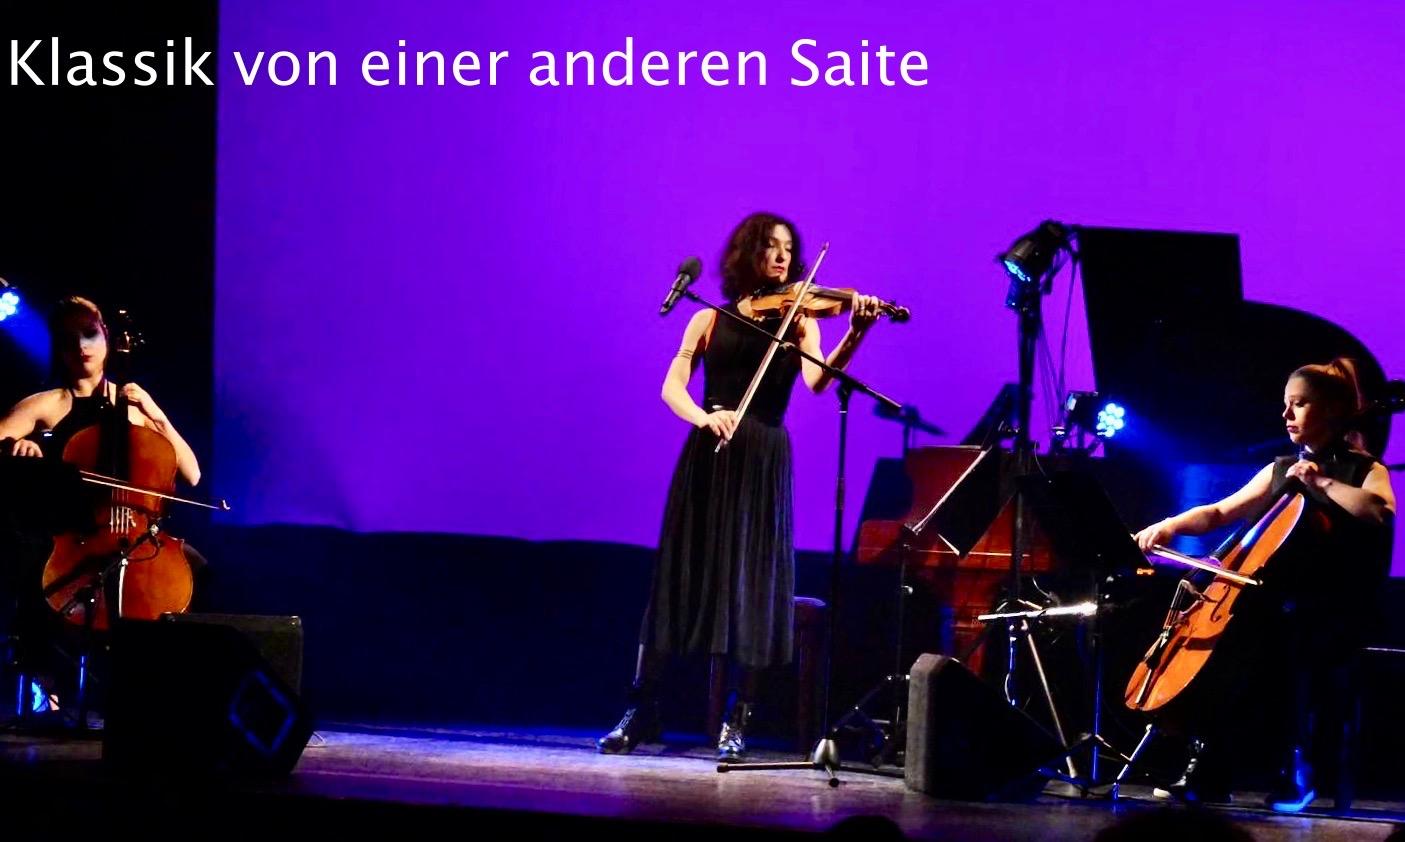 nächstes Konzert Klassik von einer anderen Saite